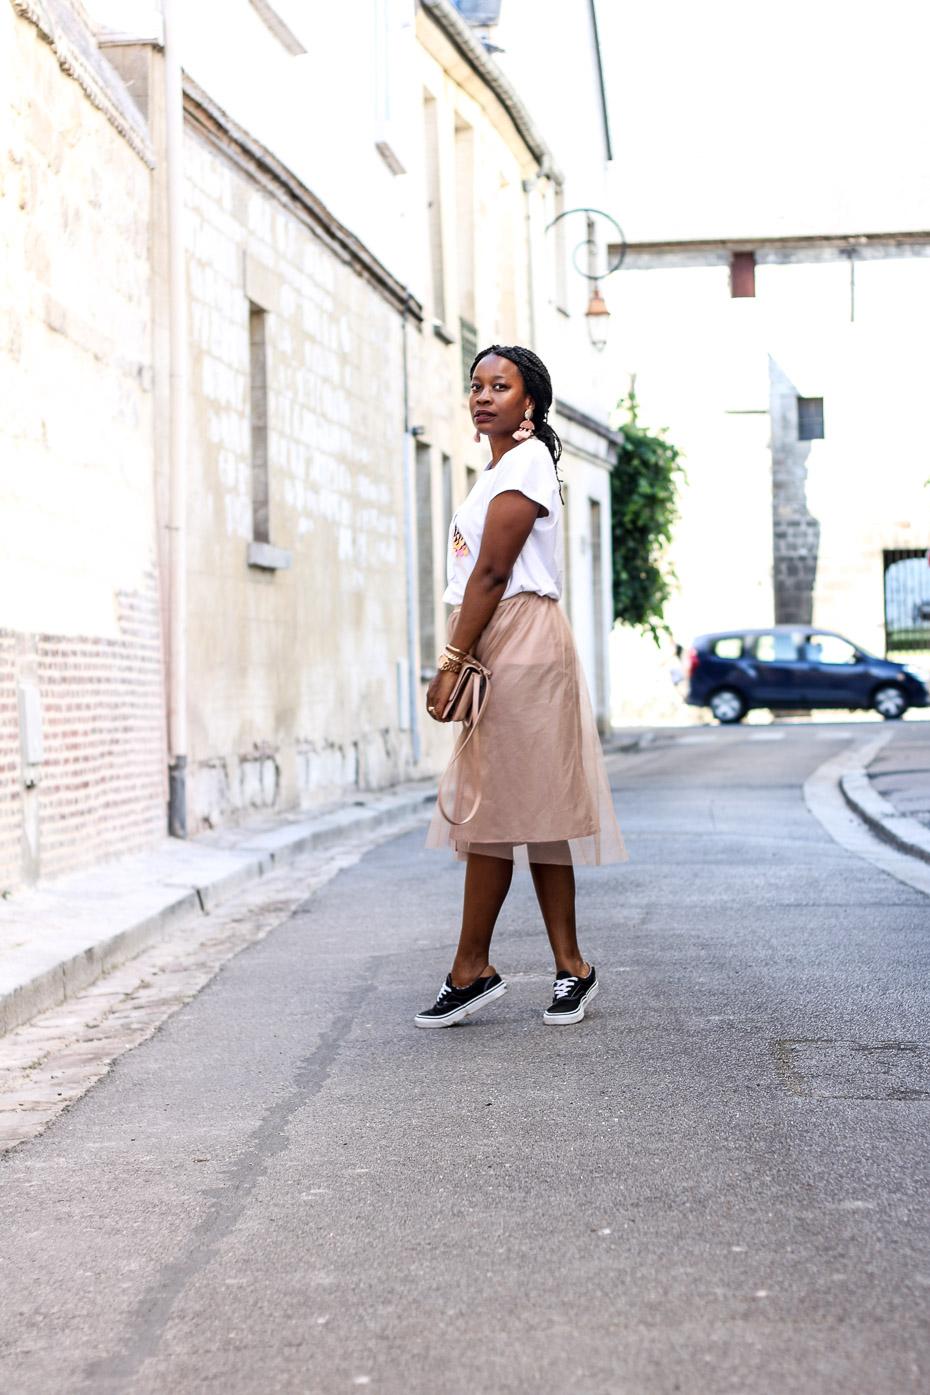 tenue-chic-et-tendance-avce-une-jupe-tutu-et-un-tee-shirt-imprimé